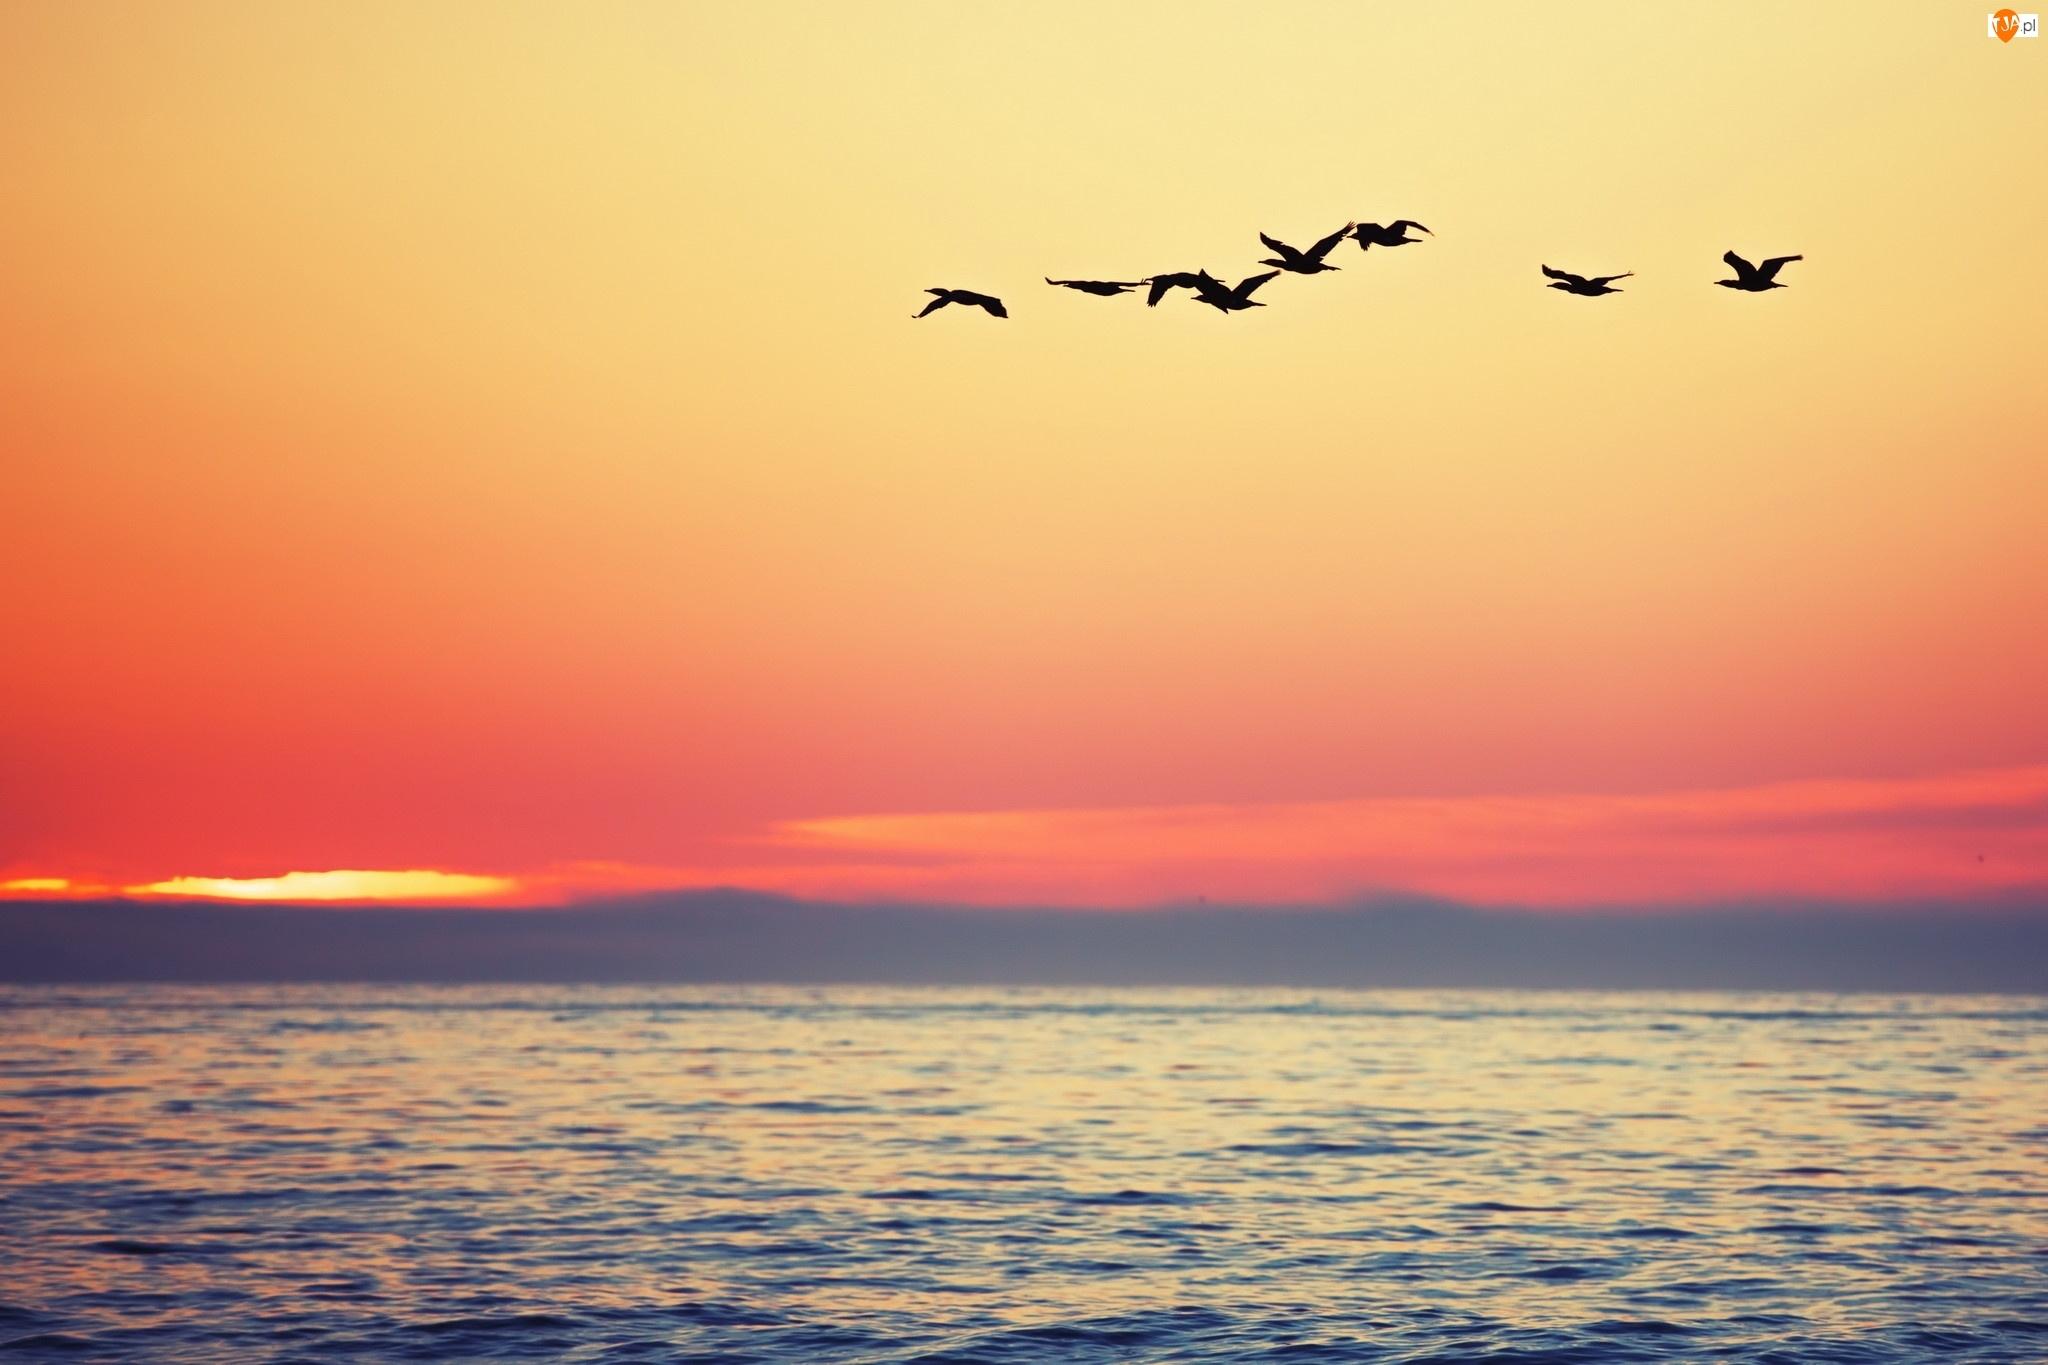 Morze, Ptaki, Zachód słońca